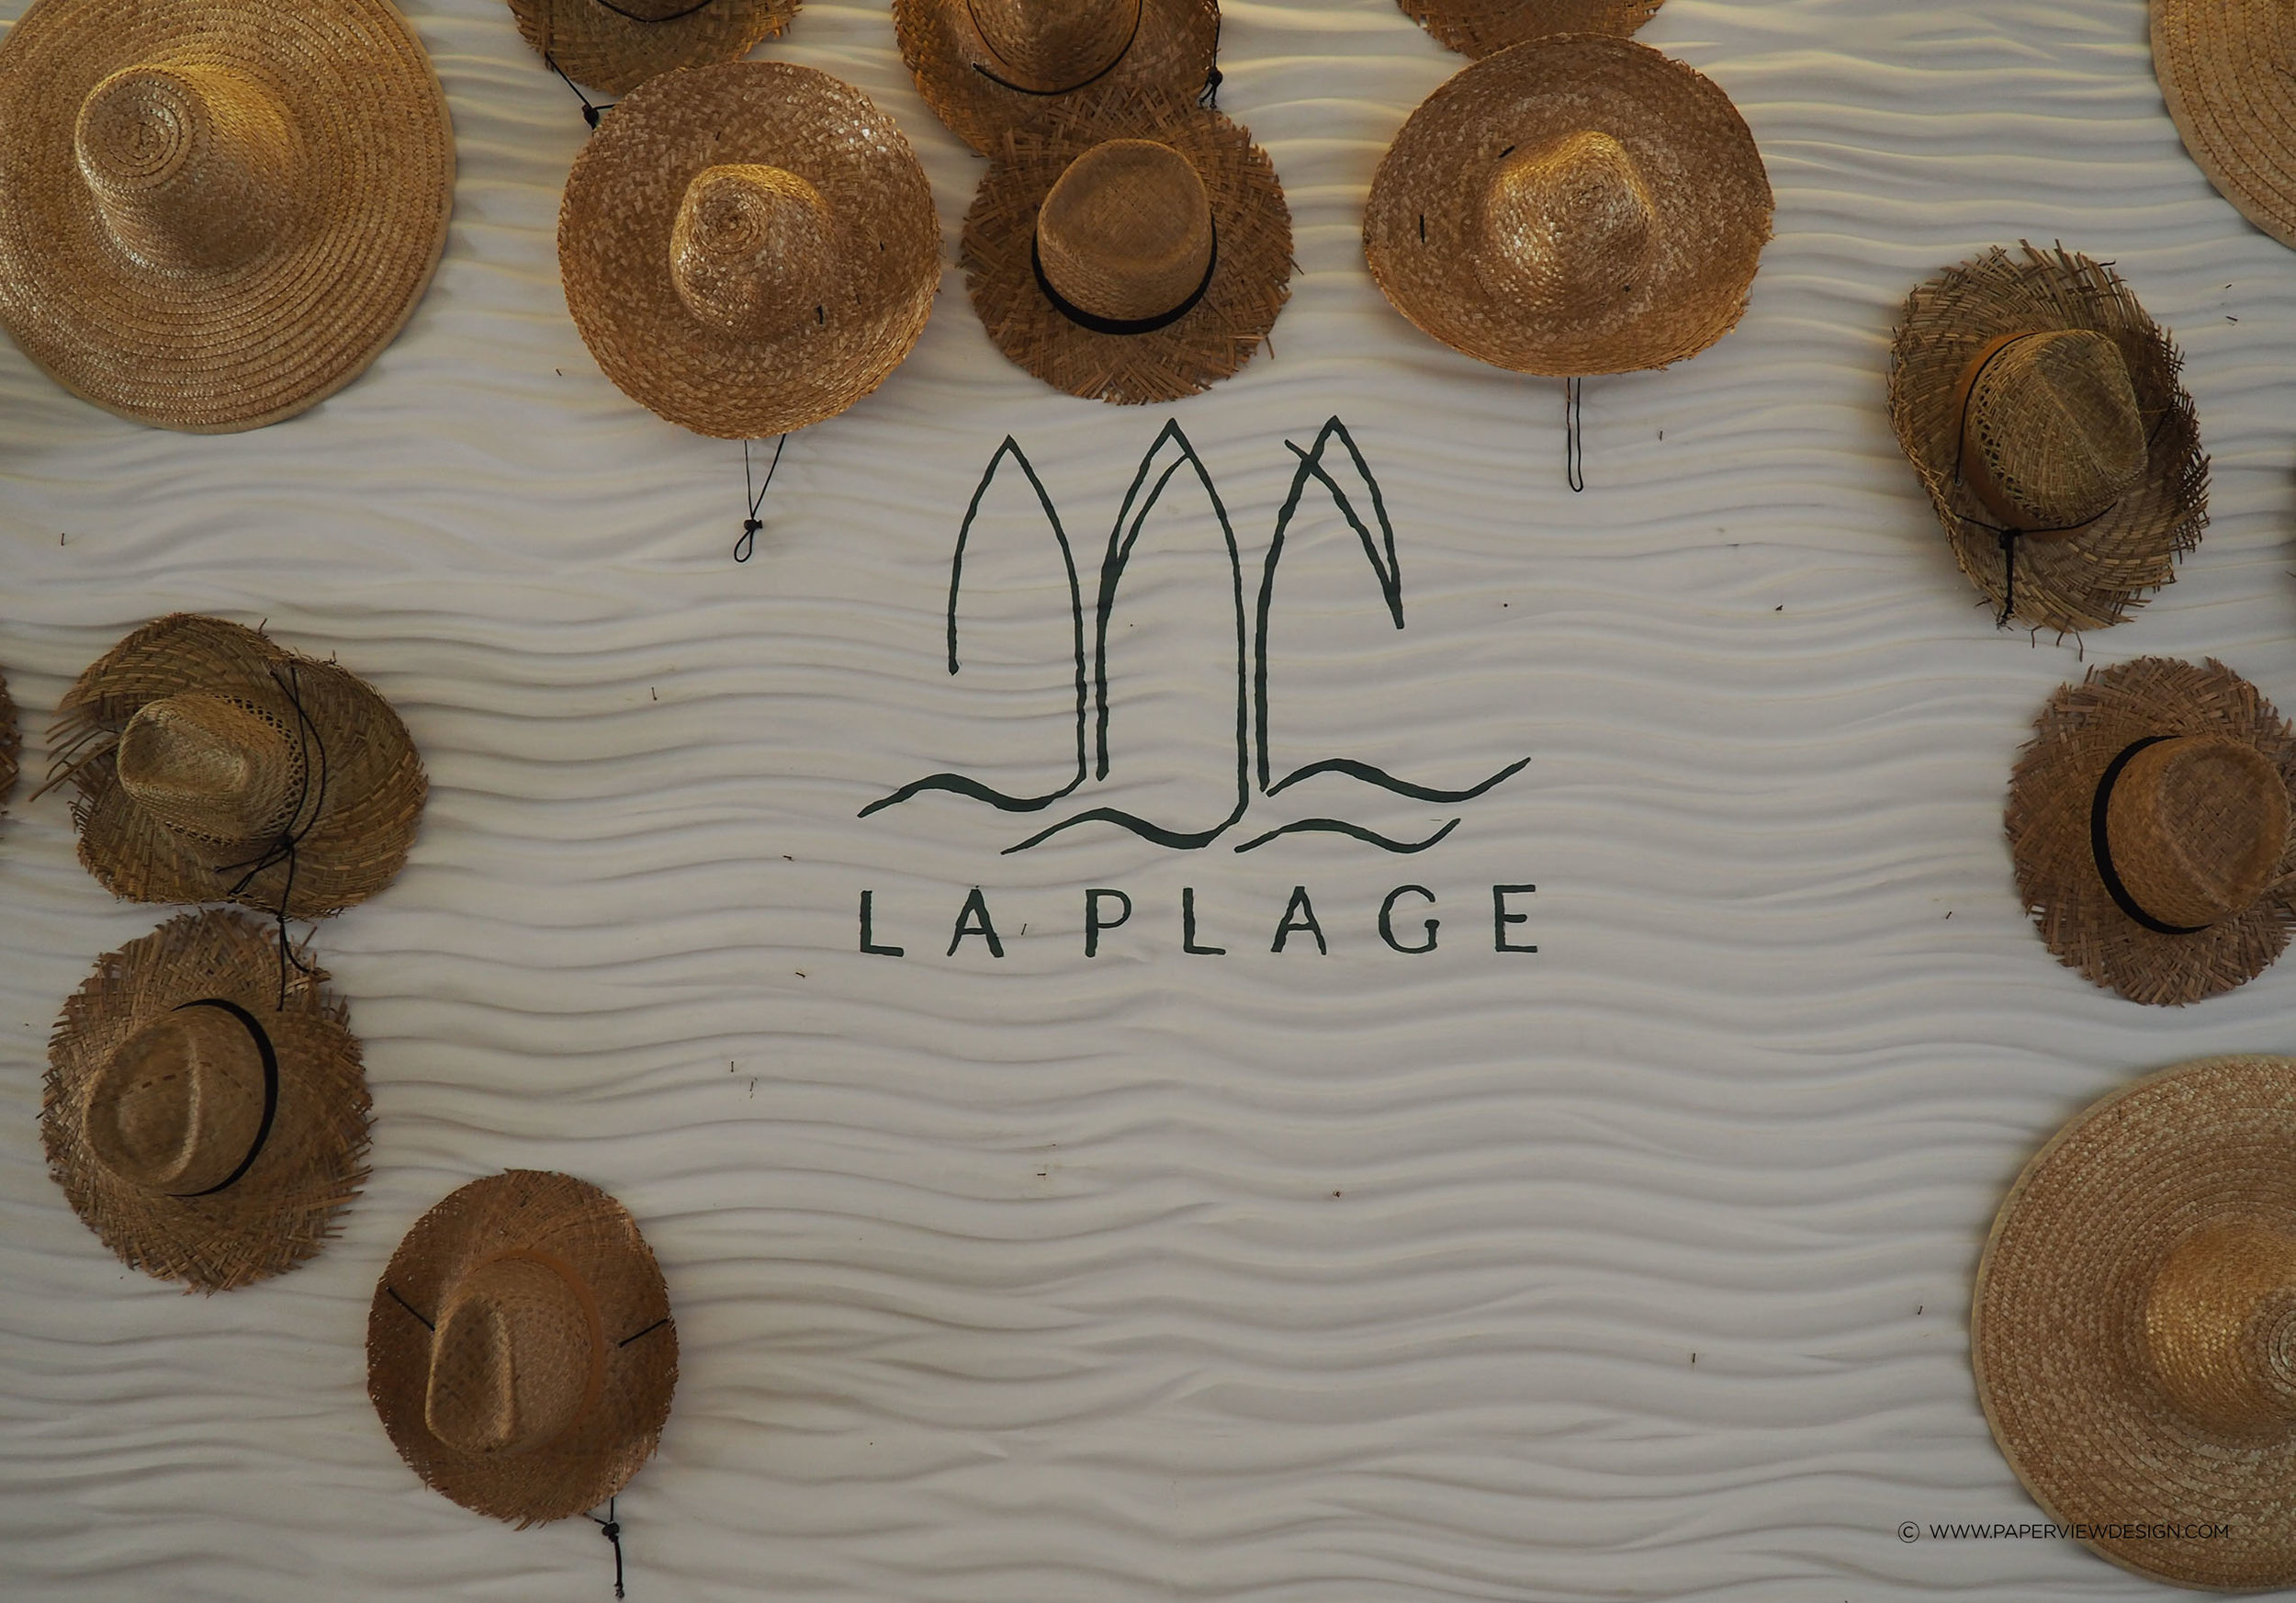 LaPlage-Seafood-Sea-Pool-Food-Logo-WallArt-Identity-Branding